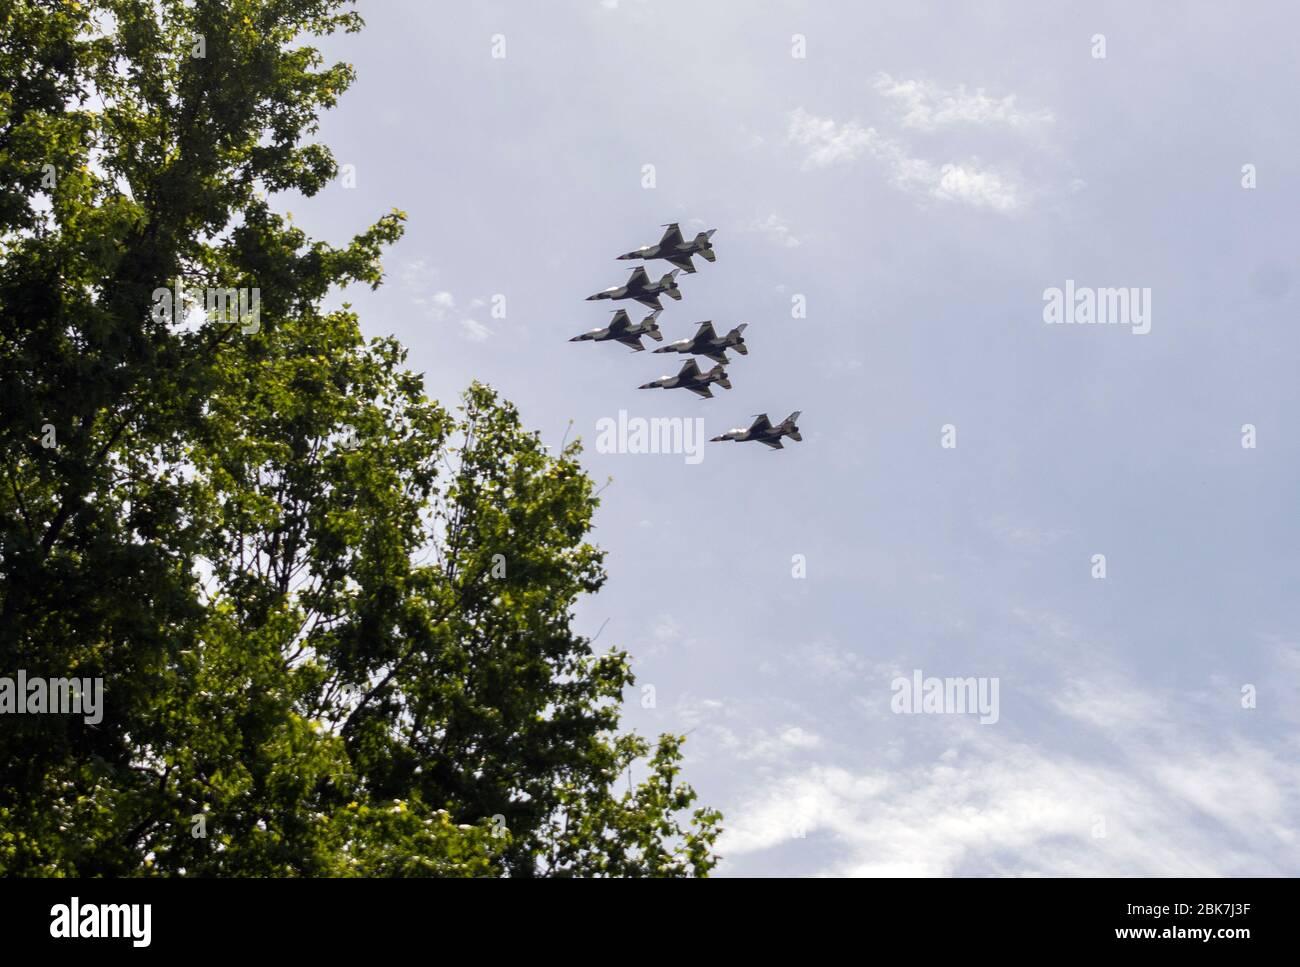 Les Thunderbirds, l'équipe de démonstration de vol aérobique de l'Air Force des États-Unis, composée de six avions F-16 C Fighting Falcon, effectuent un survol avec les US Navy Blue Angels, dans la zone de métro de Washington, DC à Silver Spring, Maryland, le samedi 2 mai 2020. Le flyover salue les premiers intervenants dans la lutte contre la pandémie de Coronavirus COVID-19.crédit: Ron Sachs/CNP photo par crédit: Newscom/Alay Live News Banque D'Images